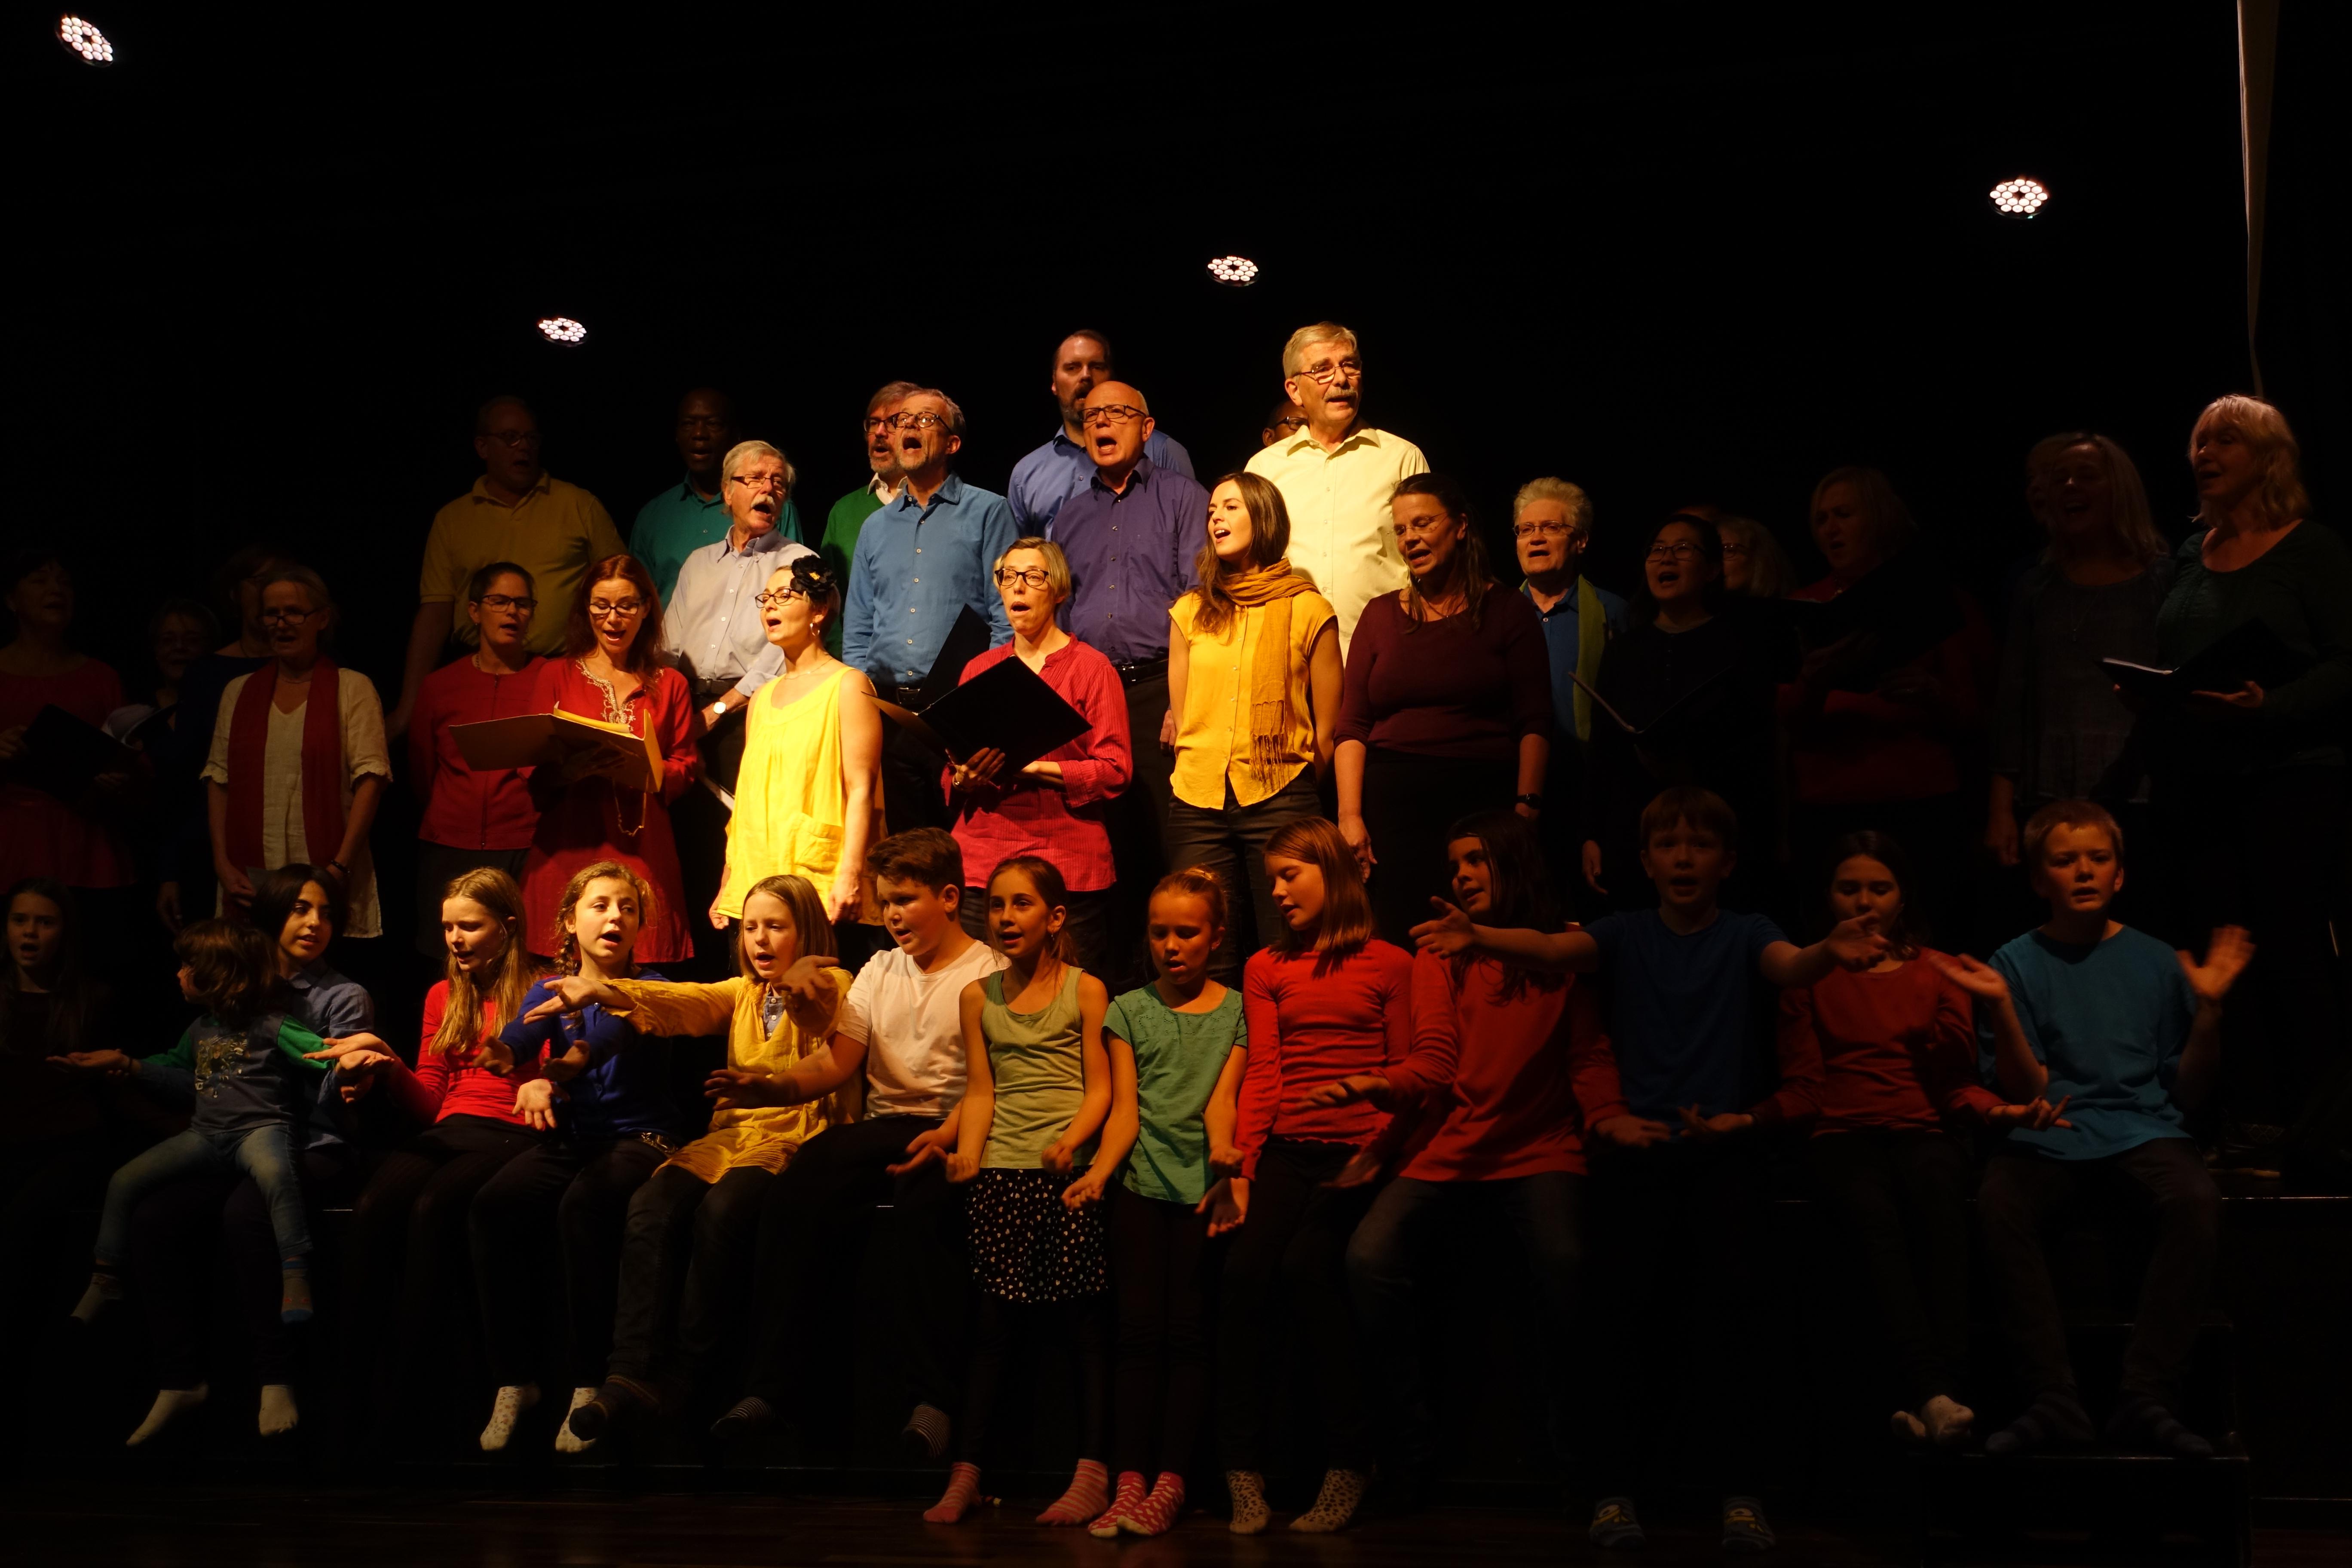 2016 Jorden... Sverige, Sverige älskade vän barnen sitter på scenkanten